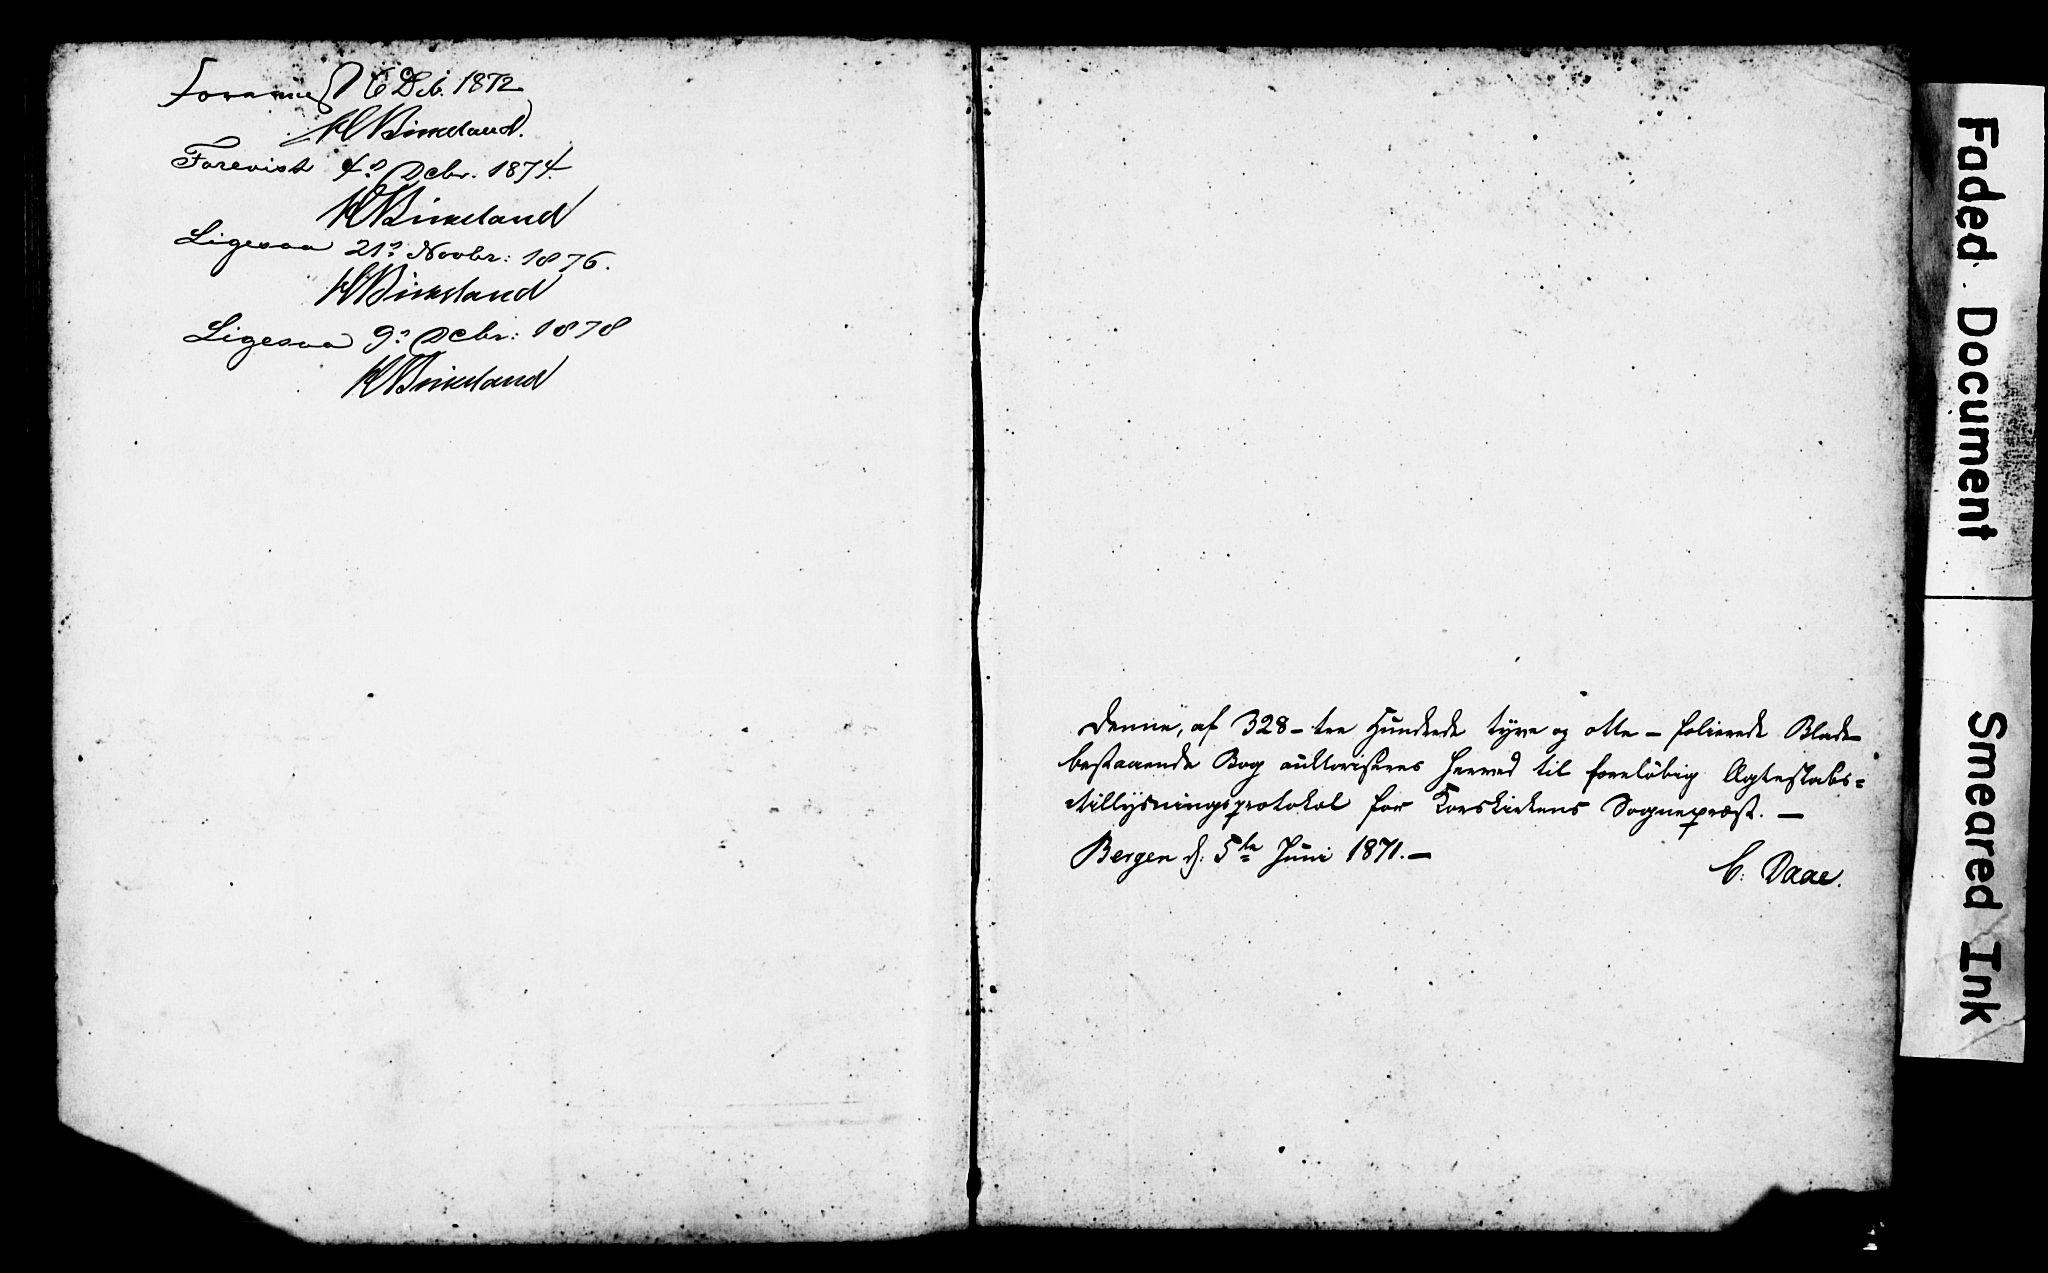 SAB, Korskirken Sokneprestembete, Forlovererklæringer nr. II.5.4, 1871-1878